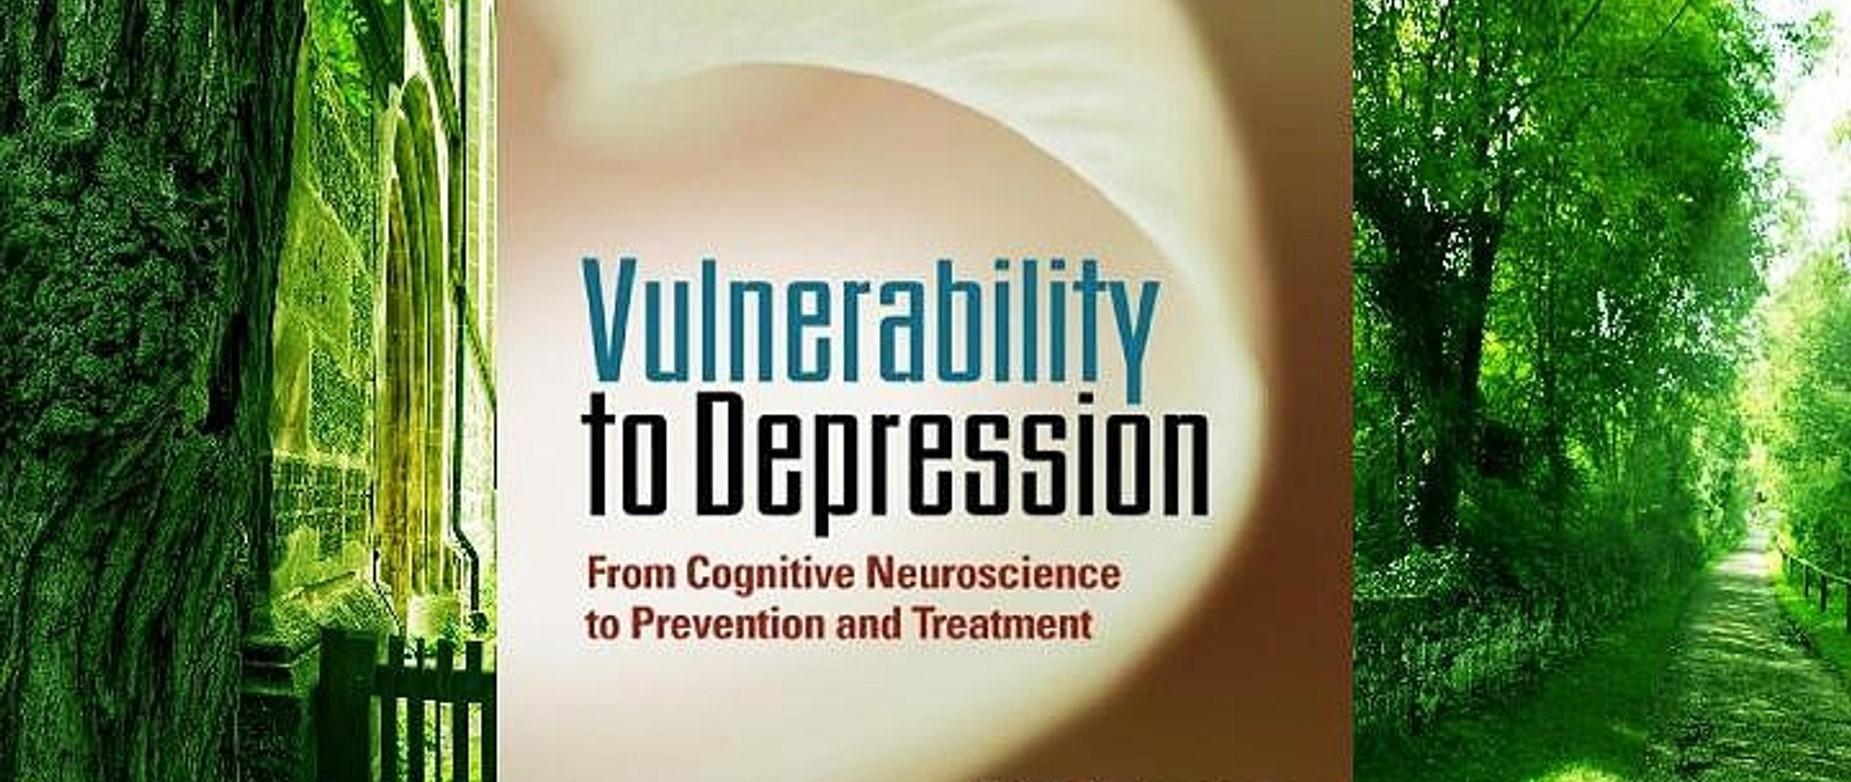 آسیب پذیری شناختی به افسردگی: چرا برخی افراد مستعد افسردگی هستند؟